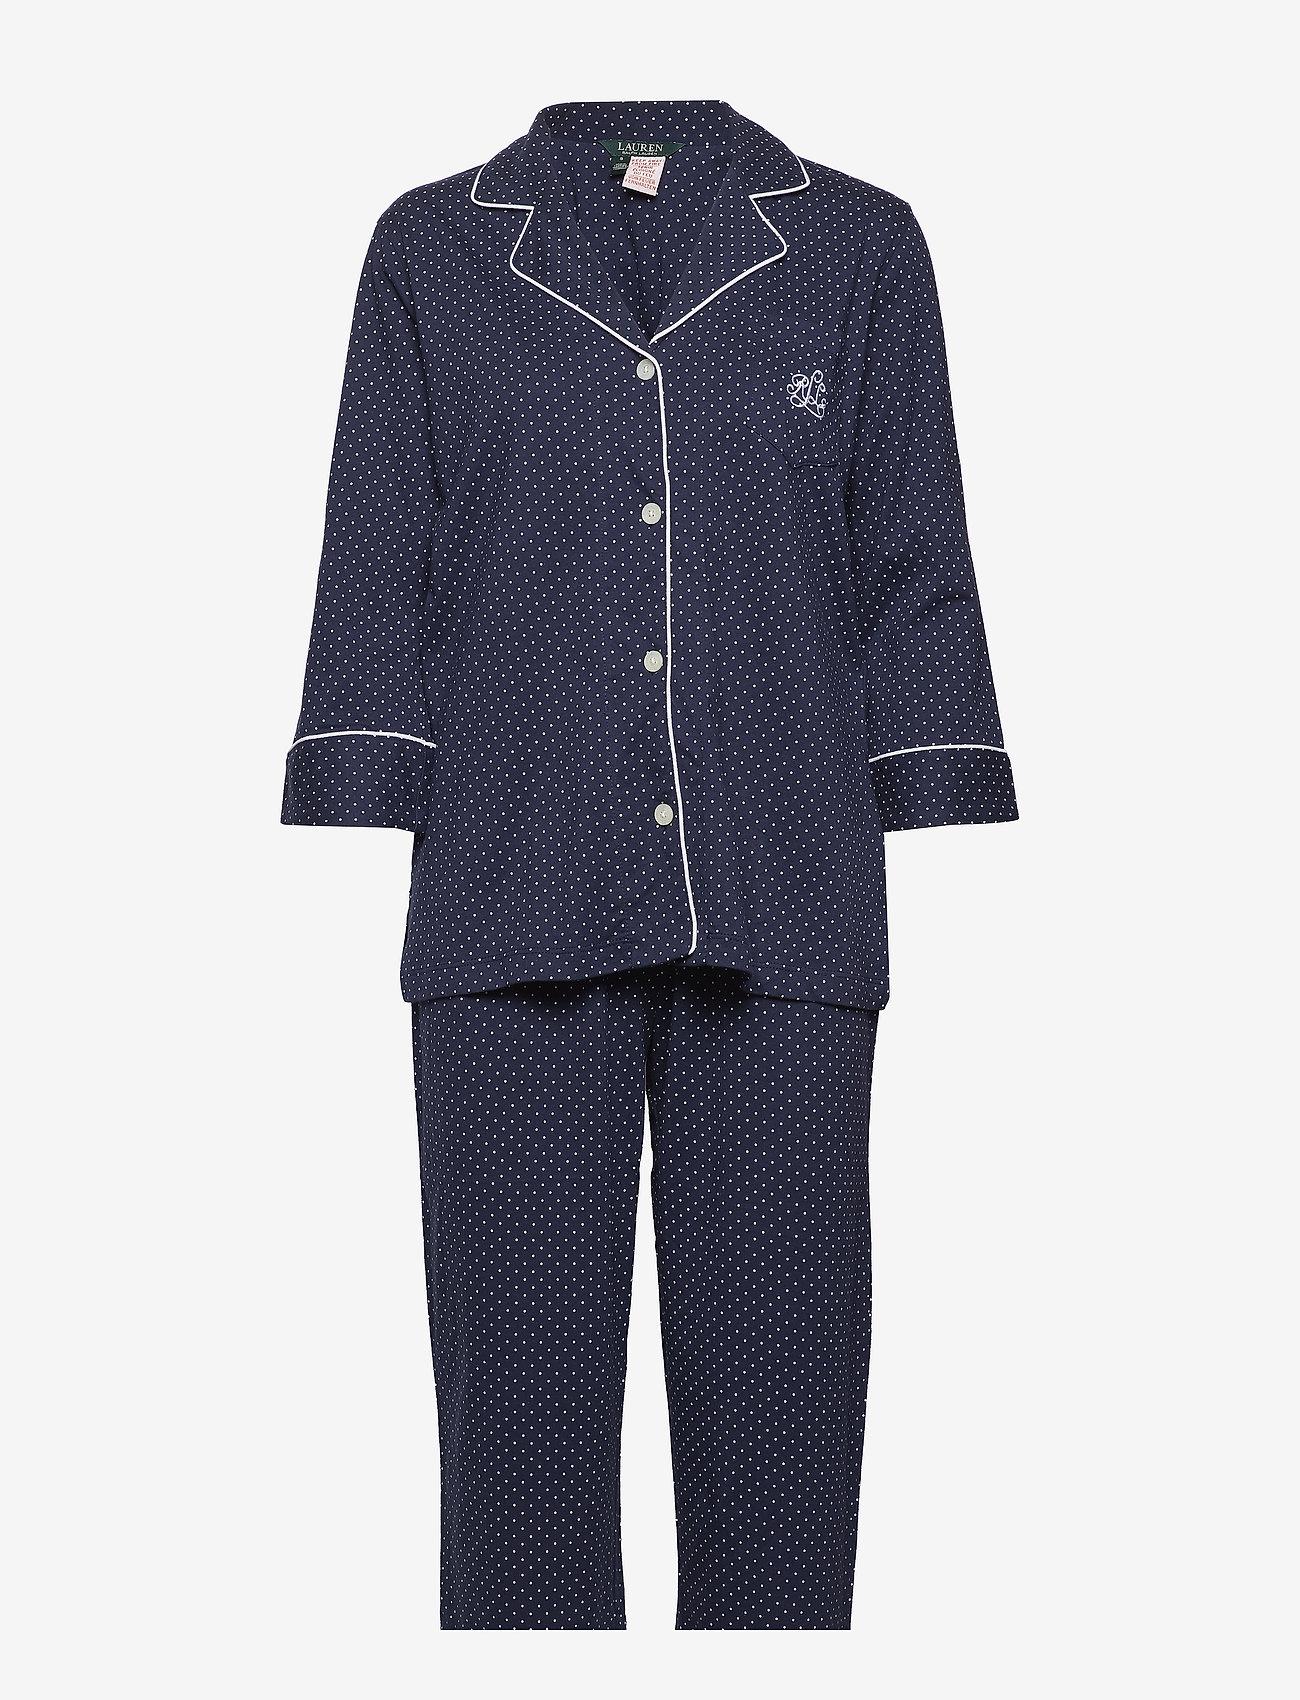 Lauren Ralph Lauren Homewear - LRL HERITAGE 3/4 SL CLASSIC NOTCH PJ SET - pyjama''s - windsor navy/white dot - 0